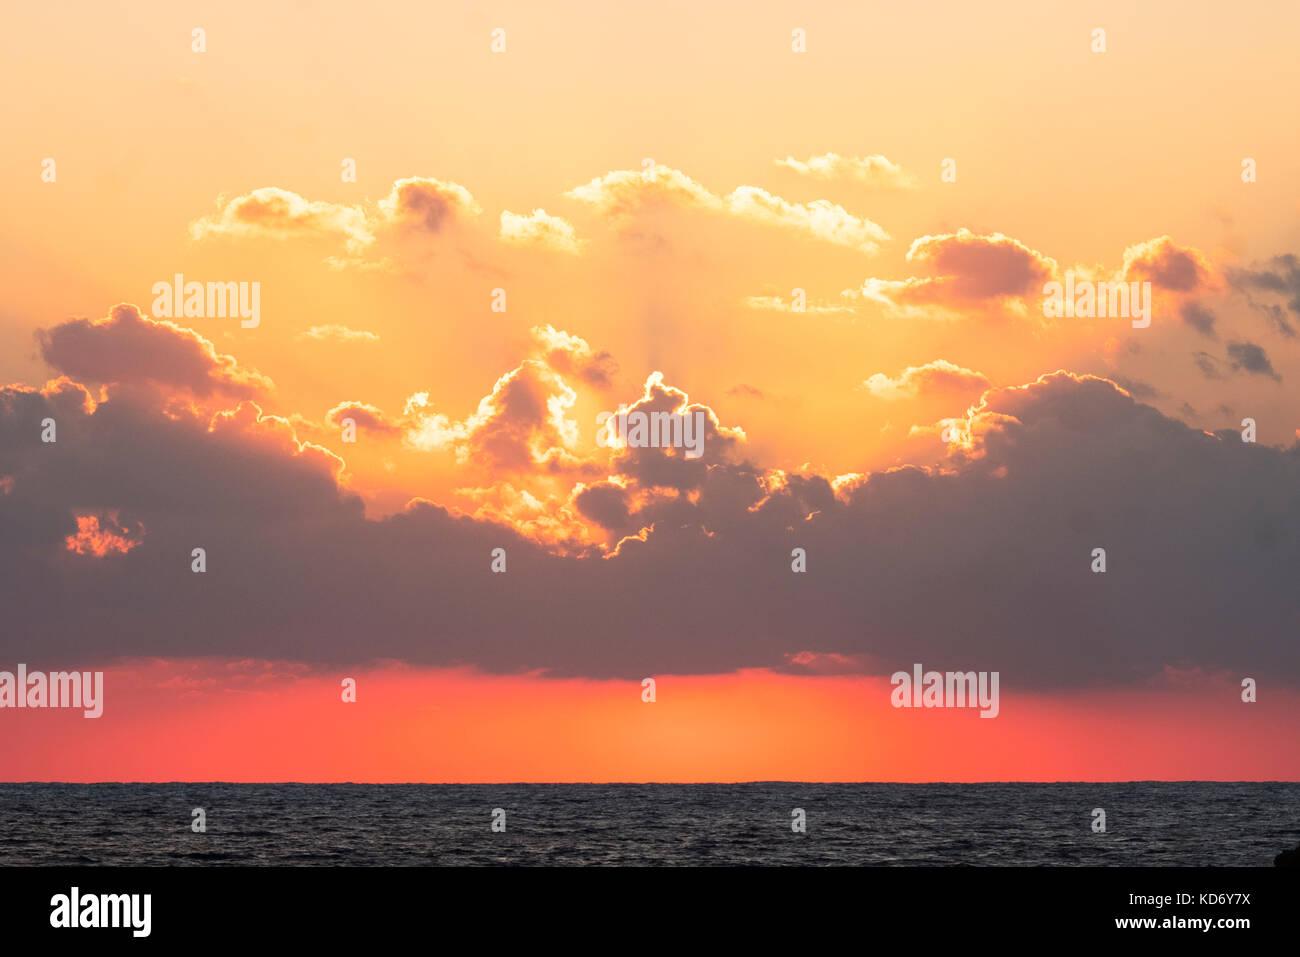 Le soleil se couche derri re les nuages sur la mer m diterran e l 39 ouest de paphos chypre - Le soleil se couche a l ouest ...